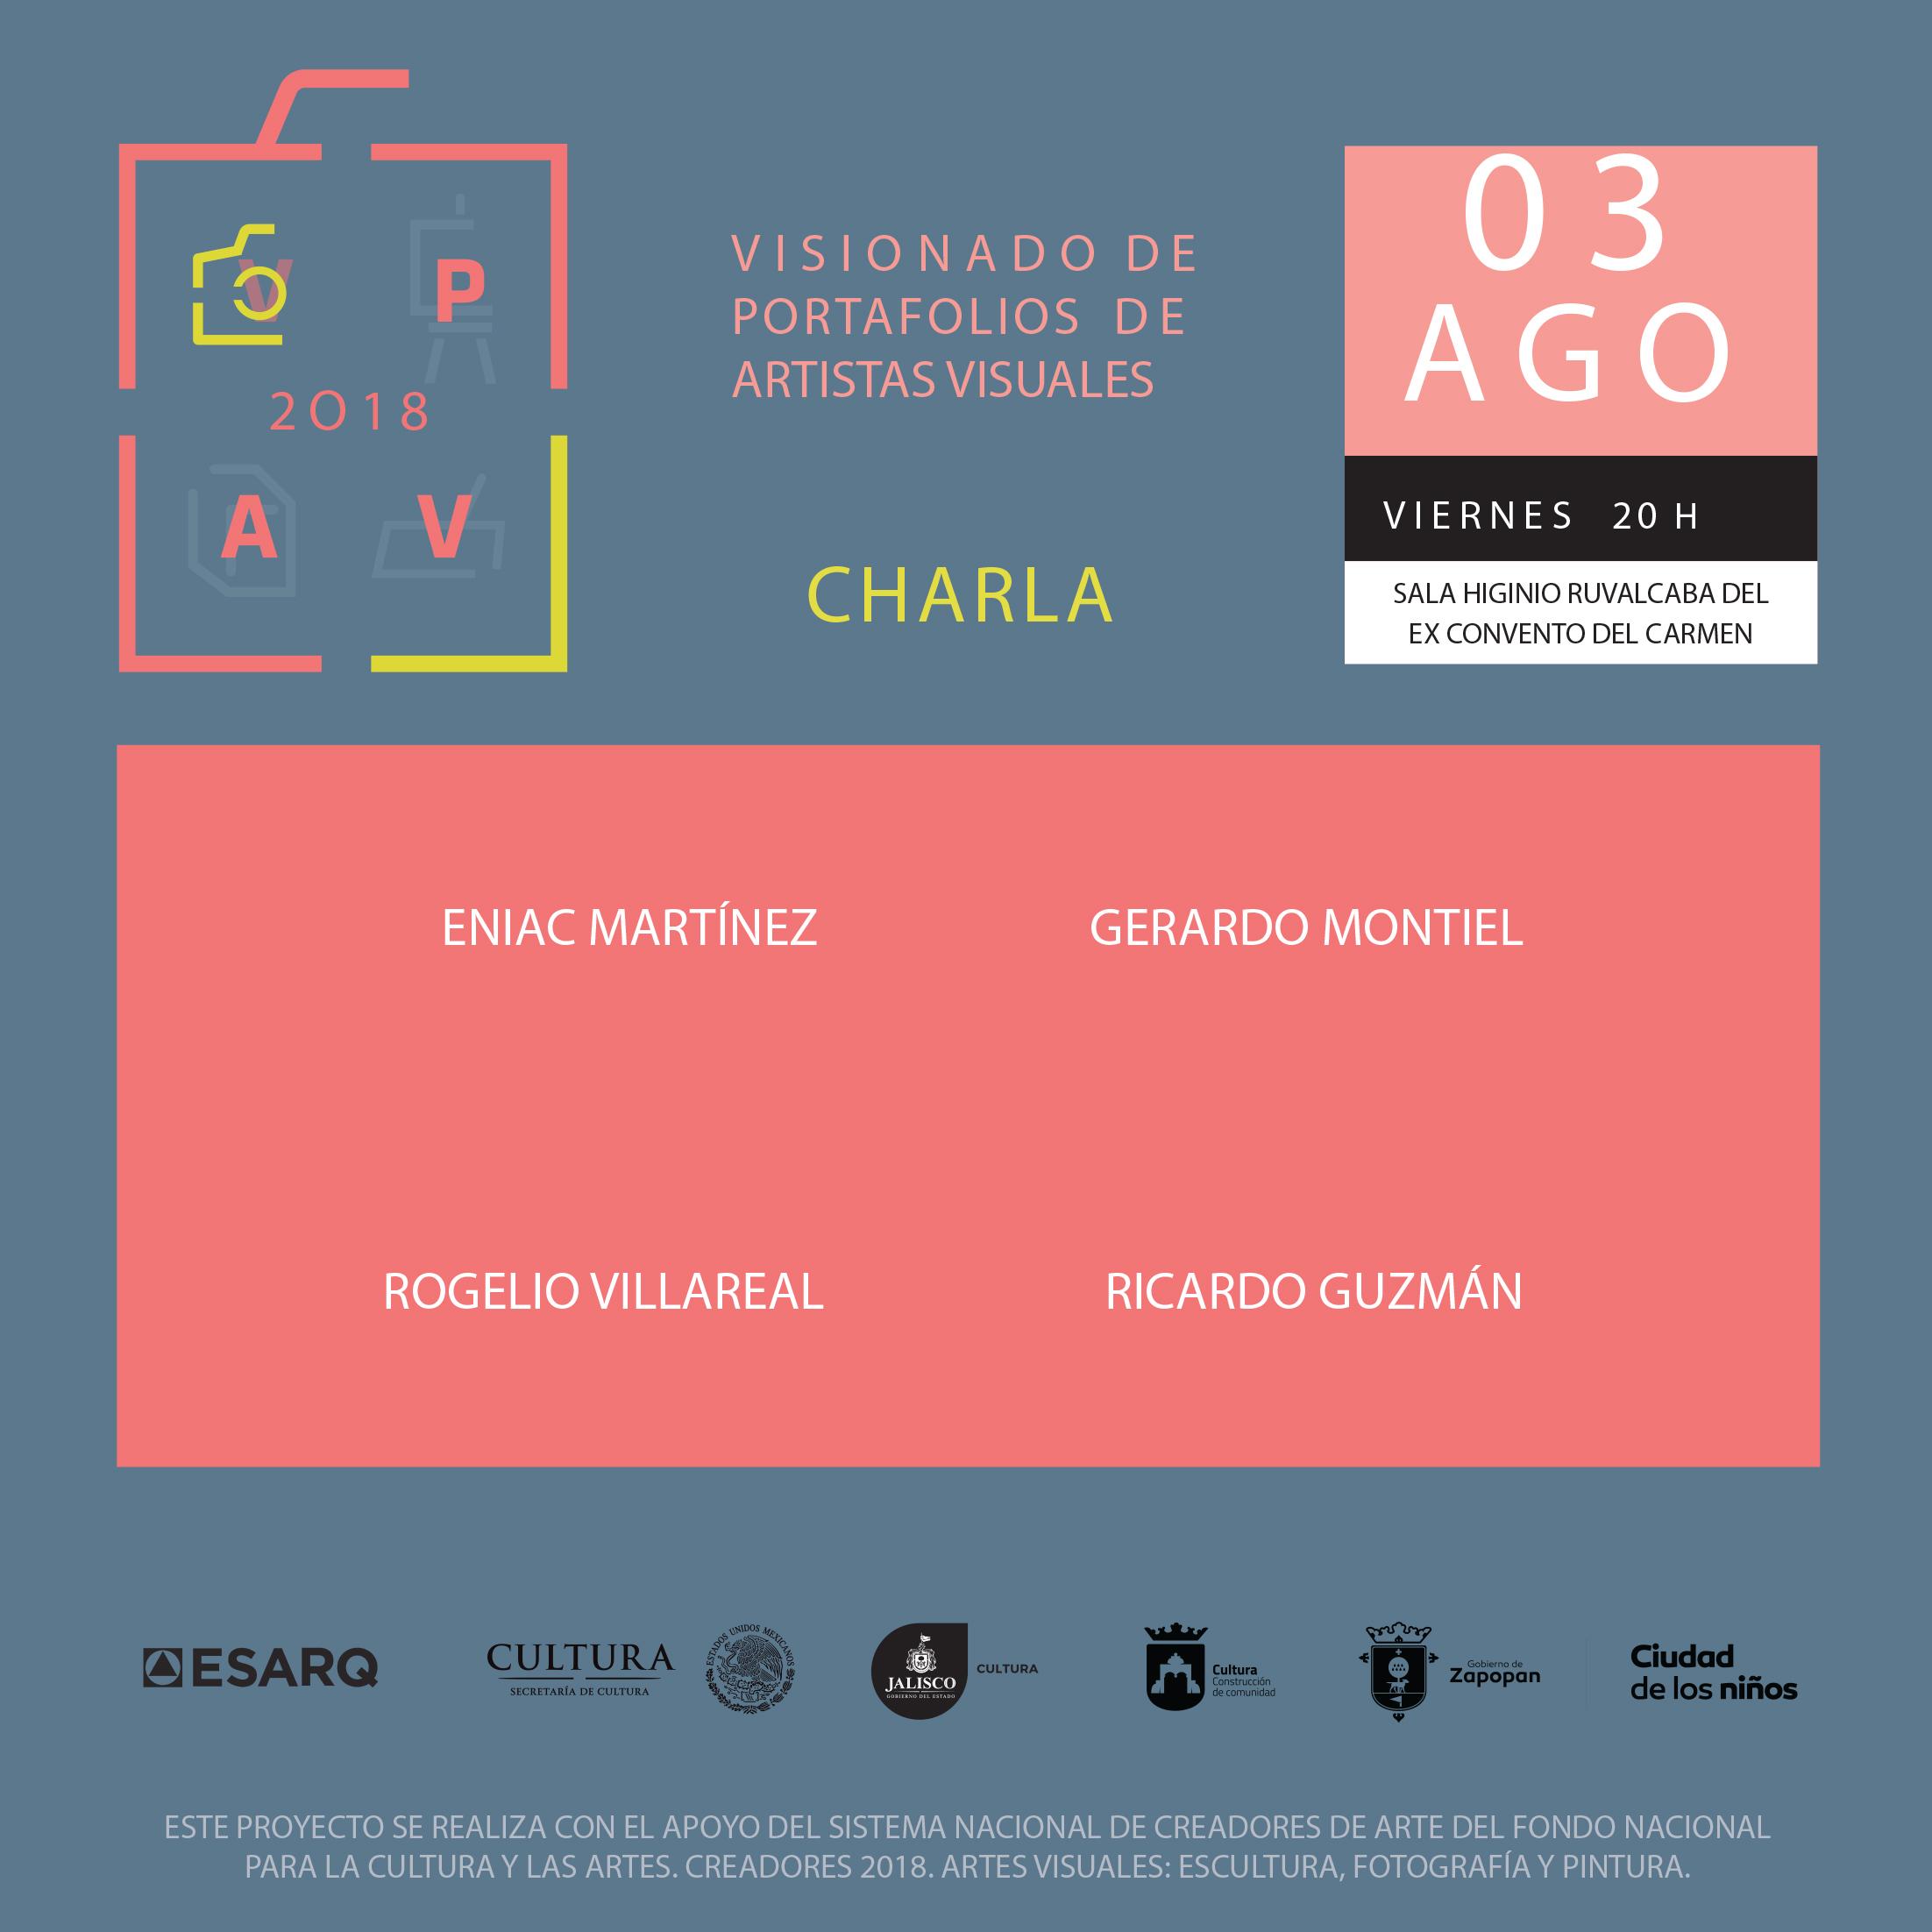 Convocan a participar en el Visionado De Portafolios De Artistas Visuales 2018